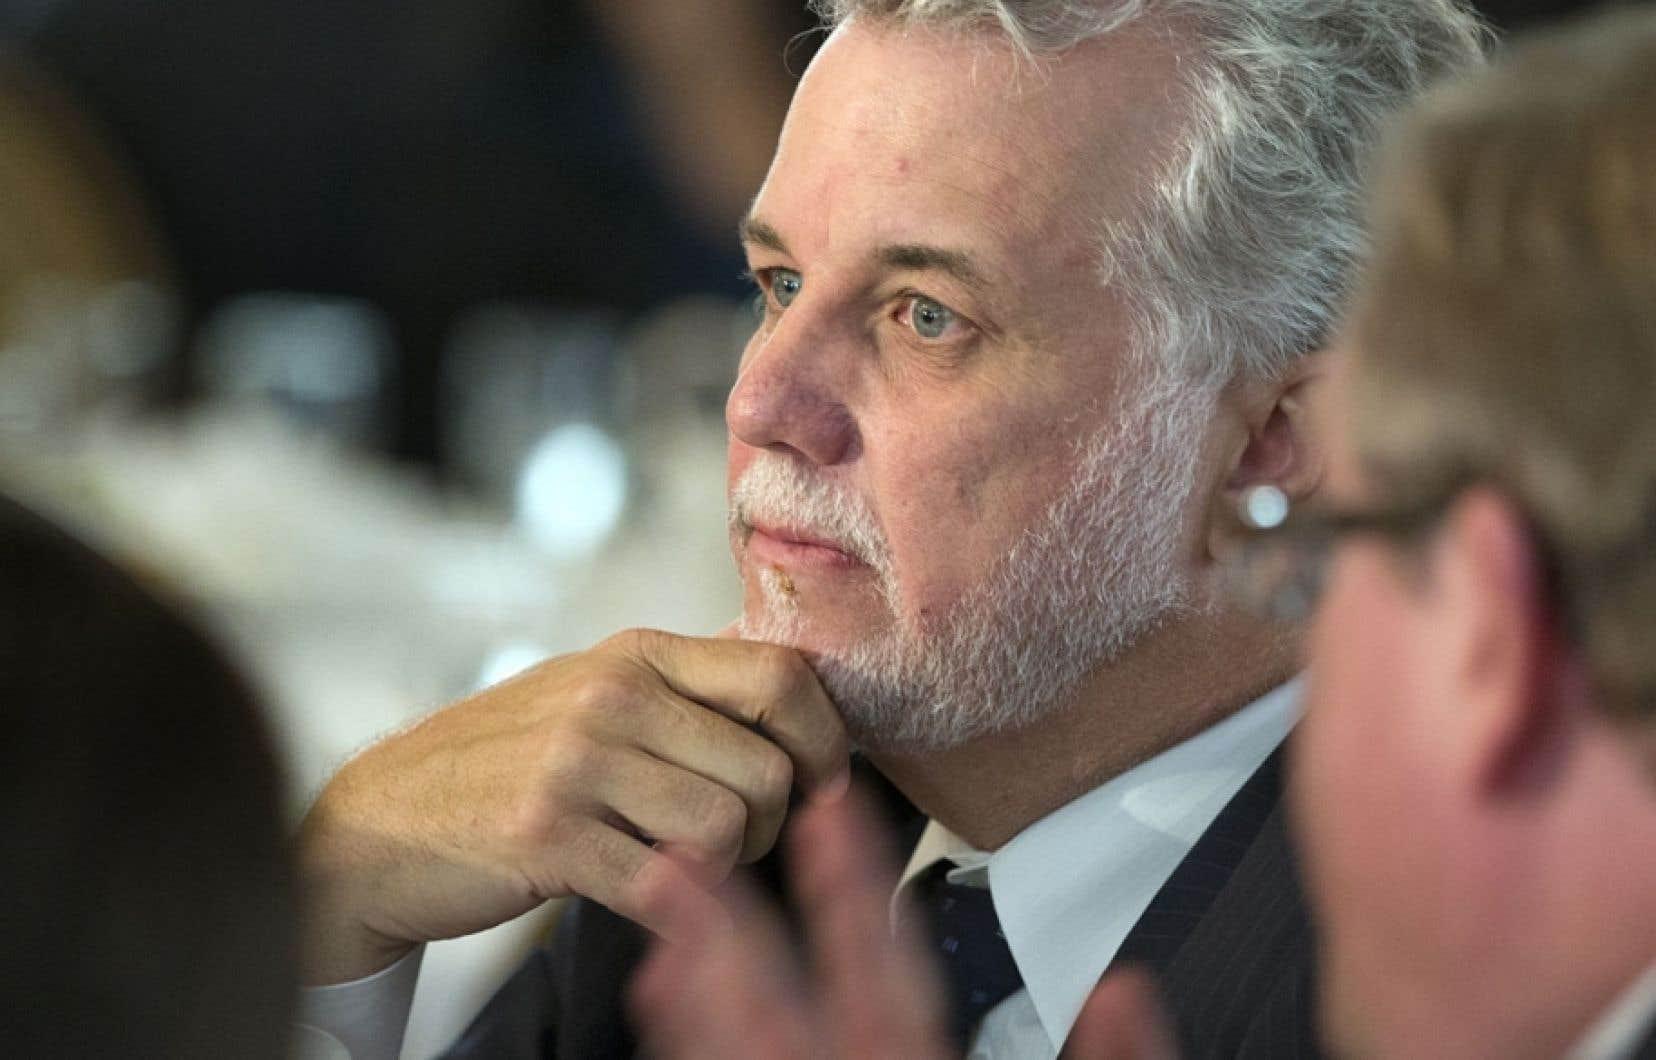 Faisant la leçon au chef du PLQ, Philippe Couillard, la présidente de la Fédération des chambres de commerce du Québec, Françoise Bertrand, a rappelé que le développement durable était plus qu'une expression.